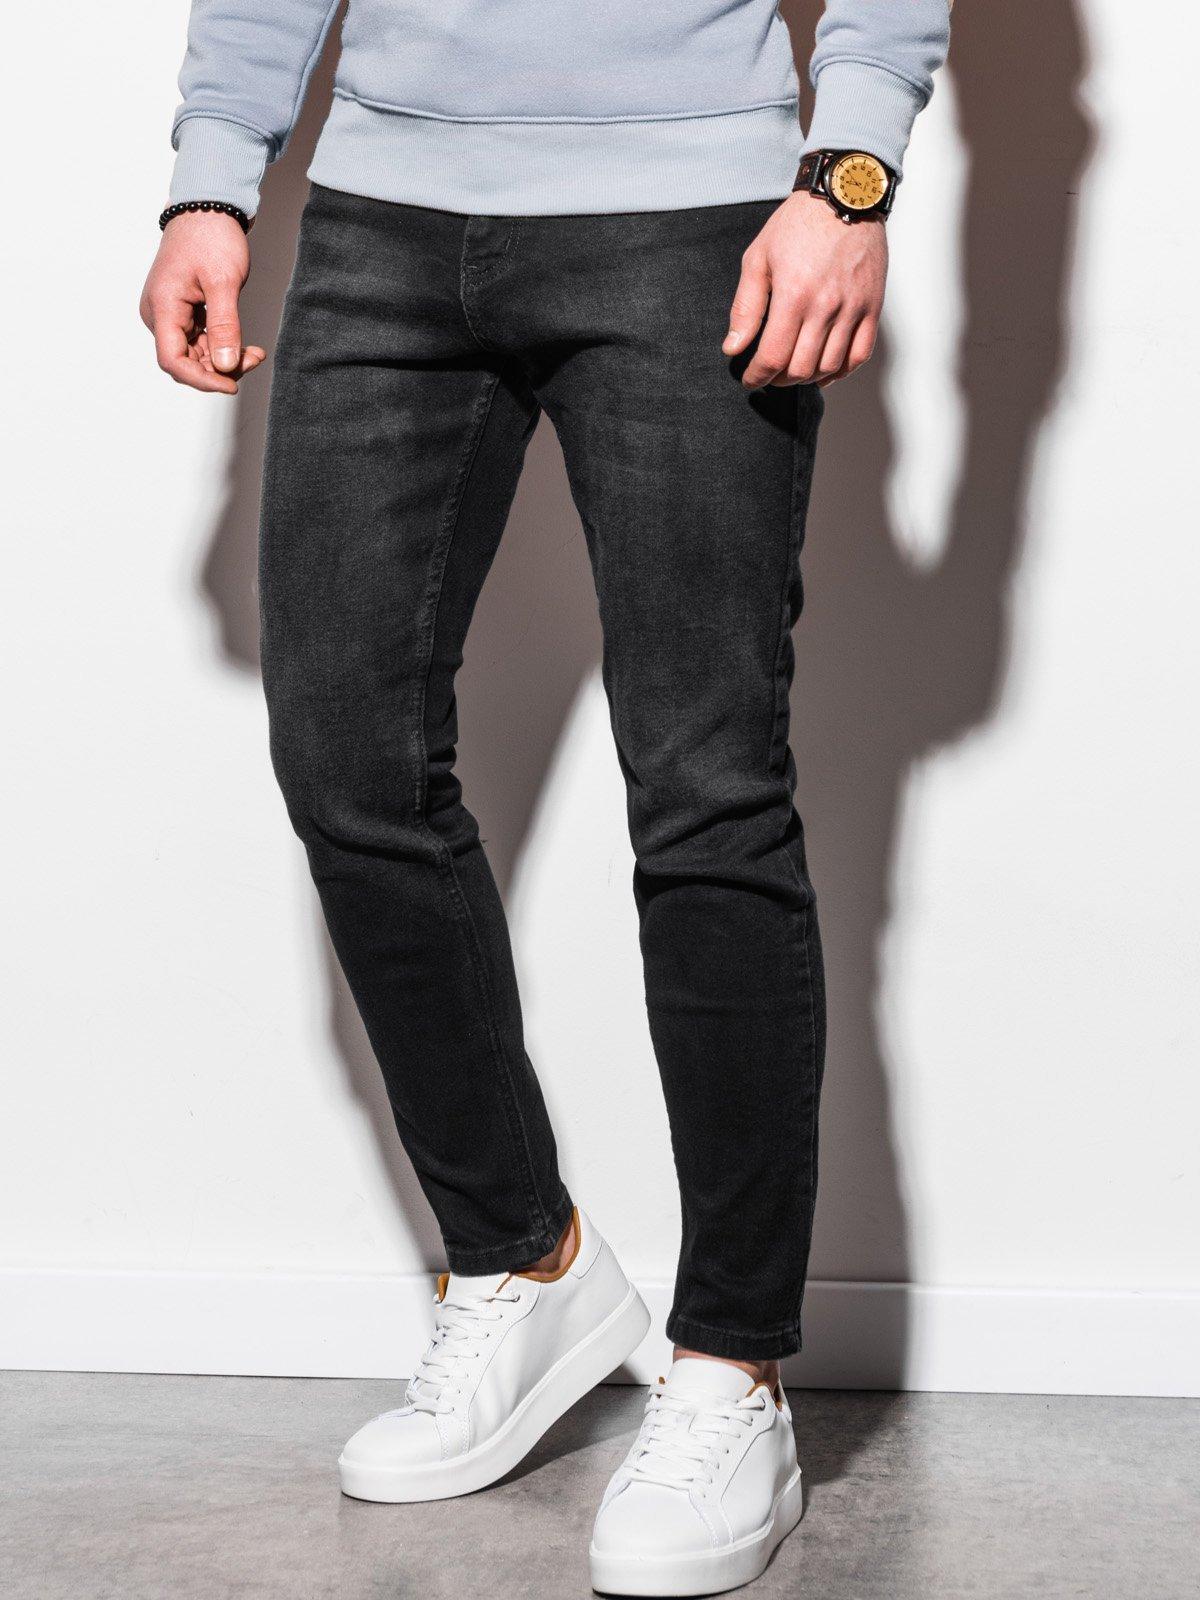 Pánské riflové kalhoty P942 - černé